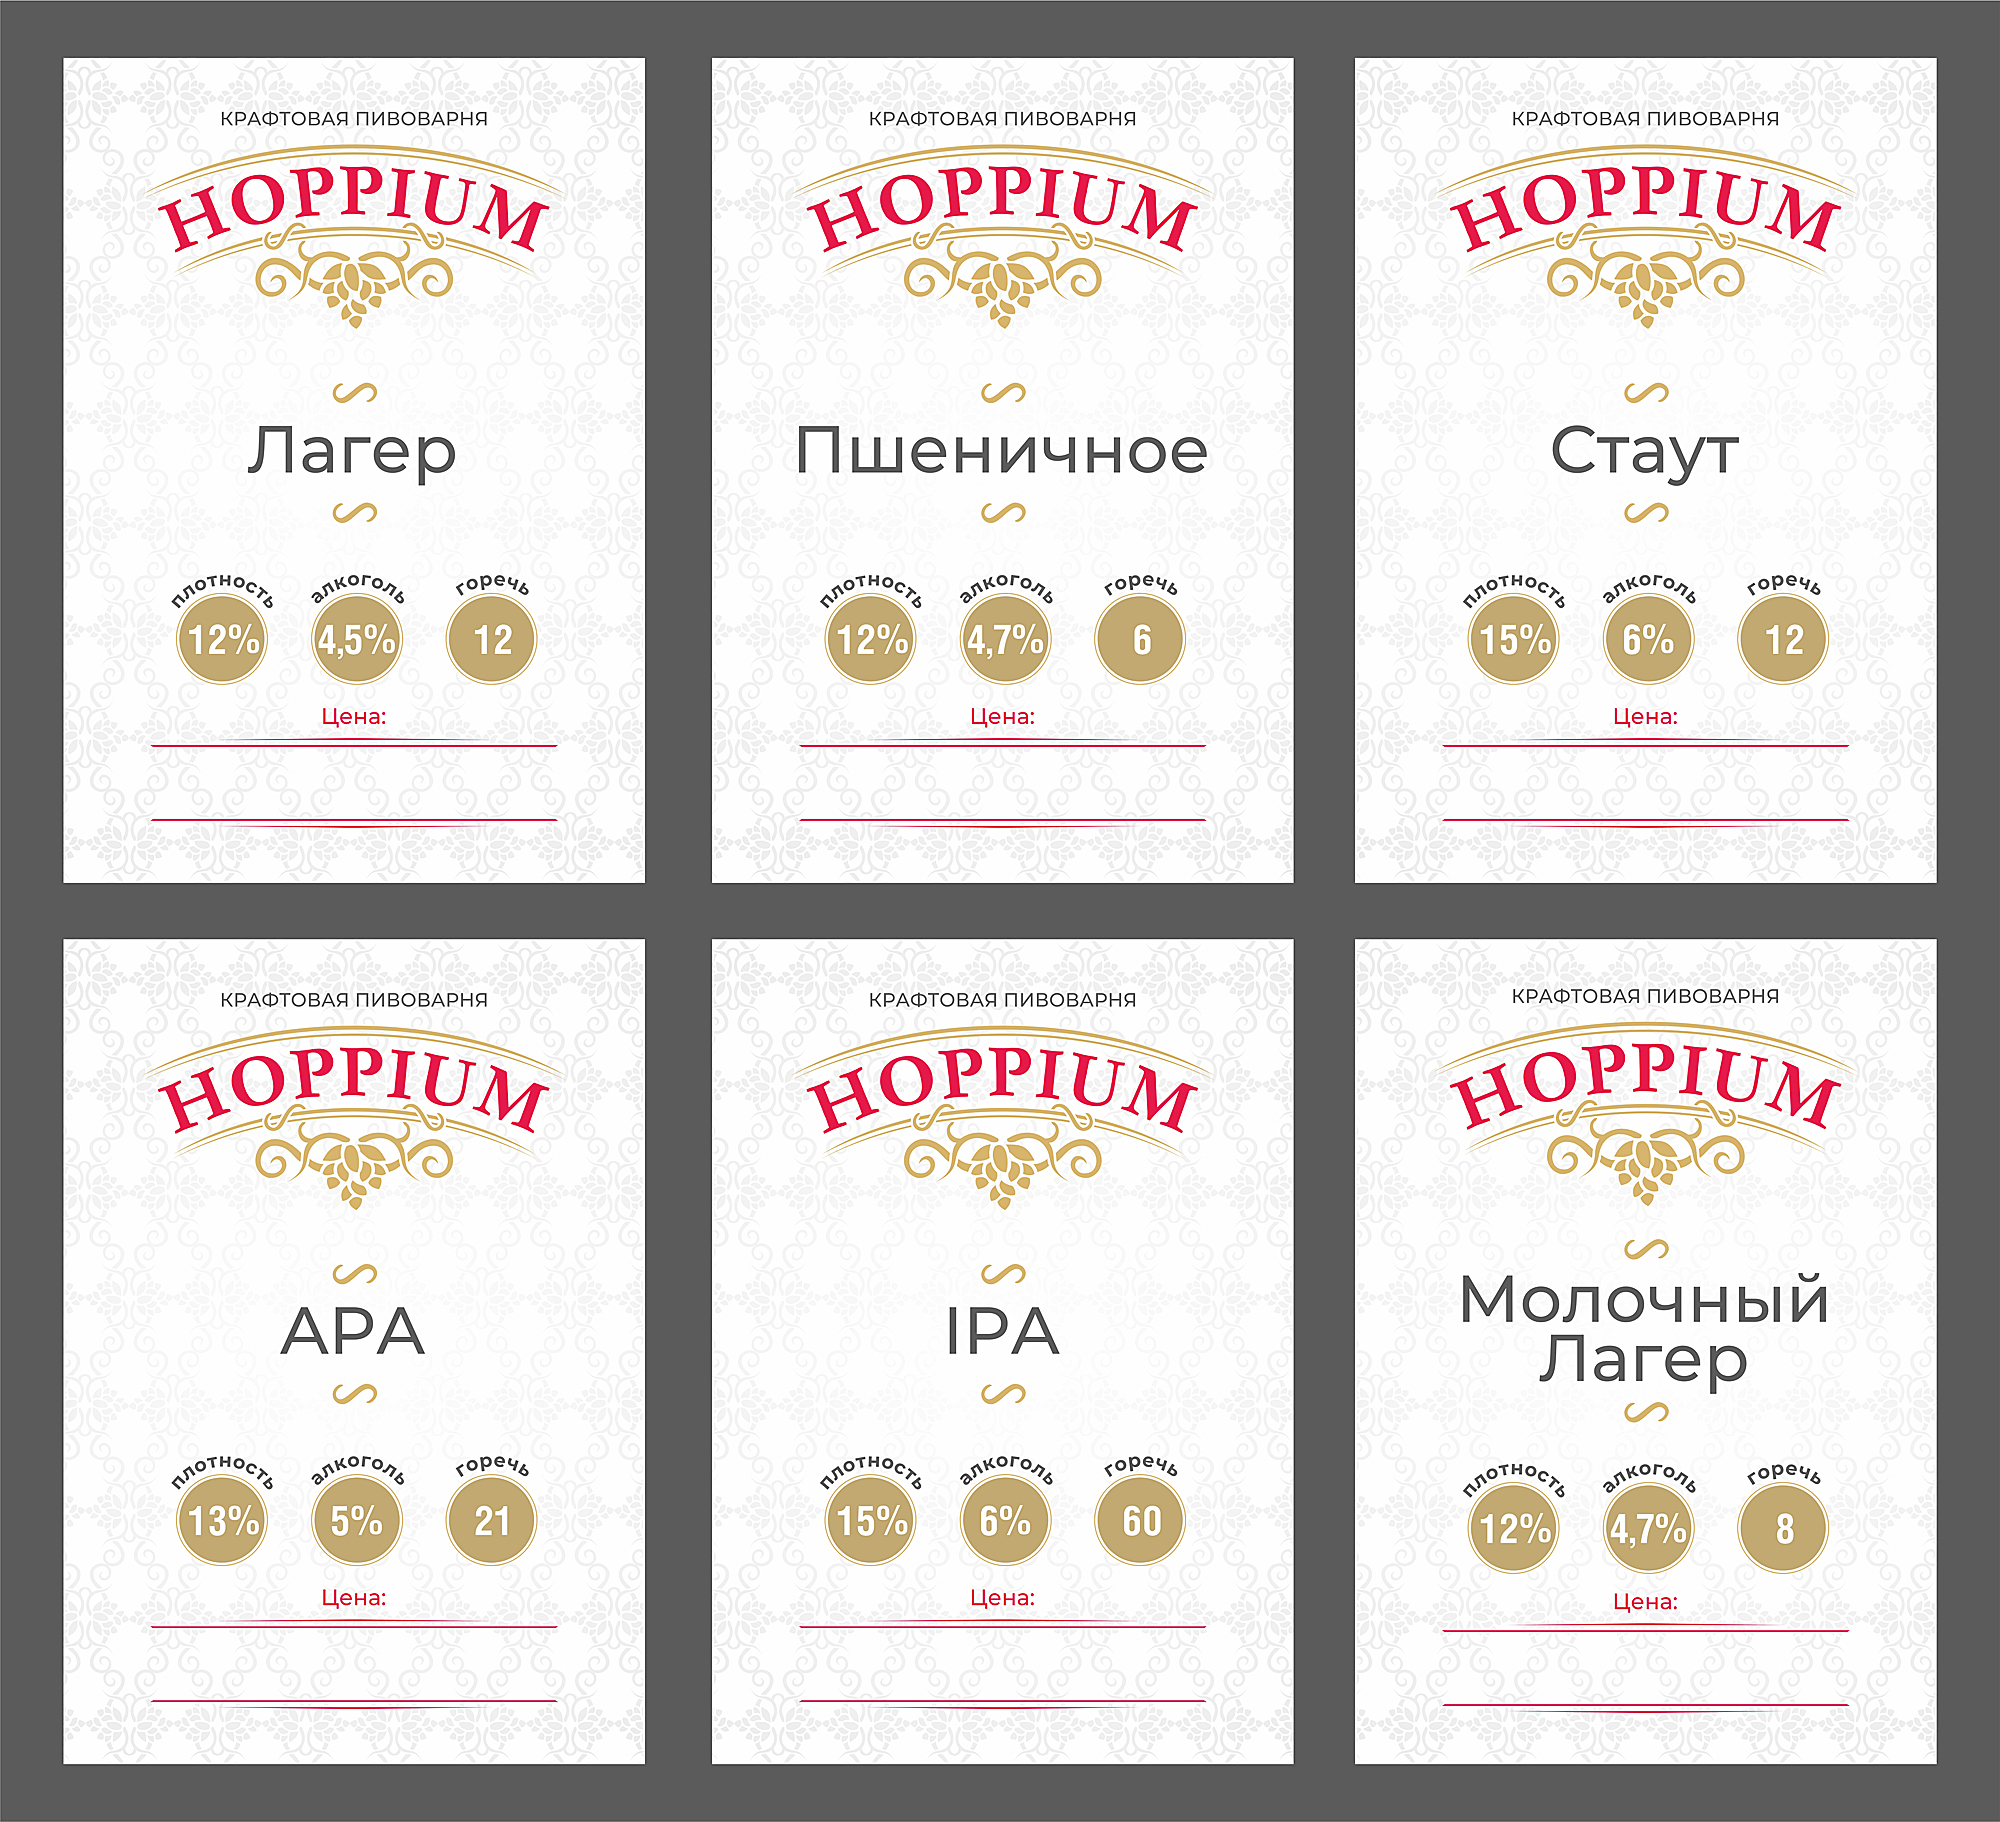 Логотип + Ценники для подмосковной крафтовой пивоварни фото f_4925dc02c1a2d574.jpg